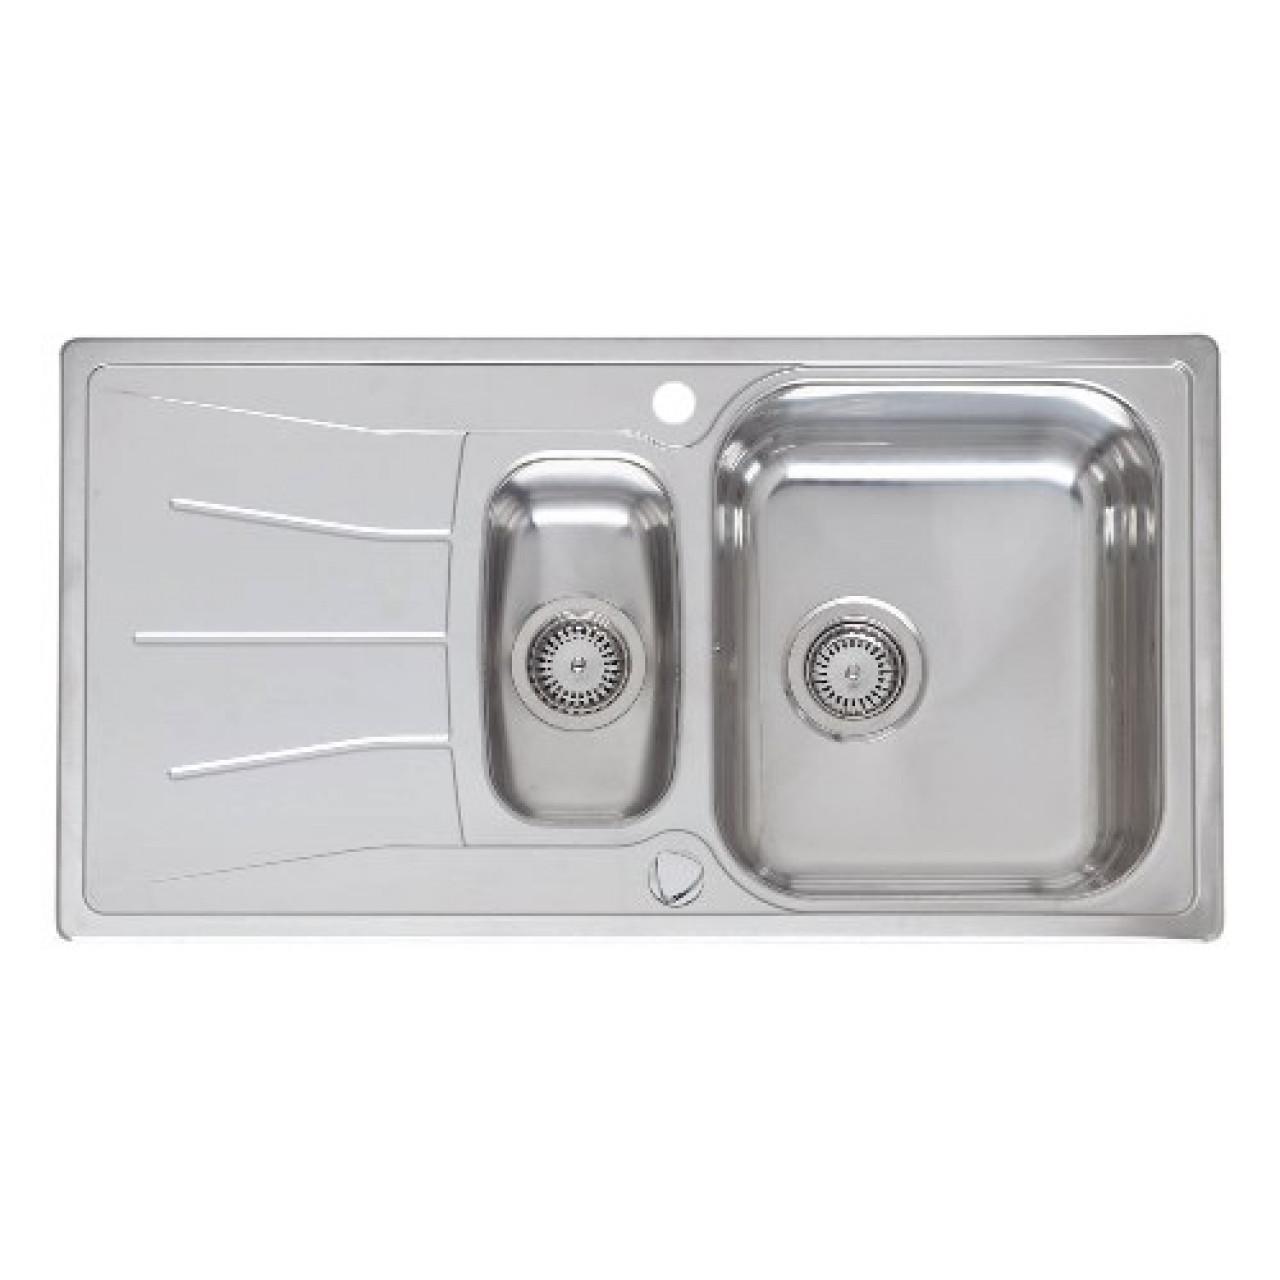 Кухонная мойка Reginox Diplomat 15 LINEN KGOKG 38001 купить в Москве по цене от 21360р. в интернет-магазине mebel-v-vannu.ru